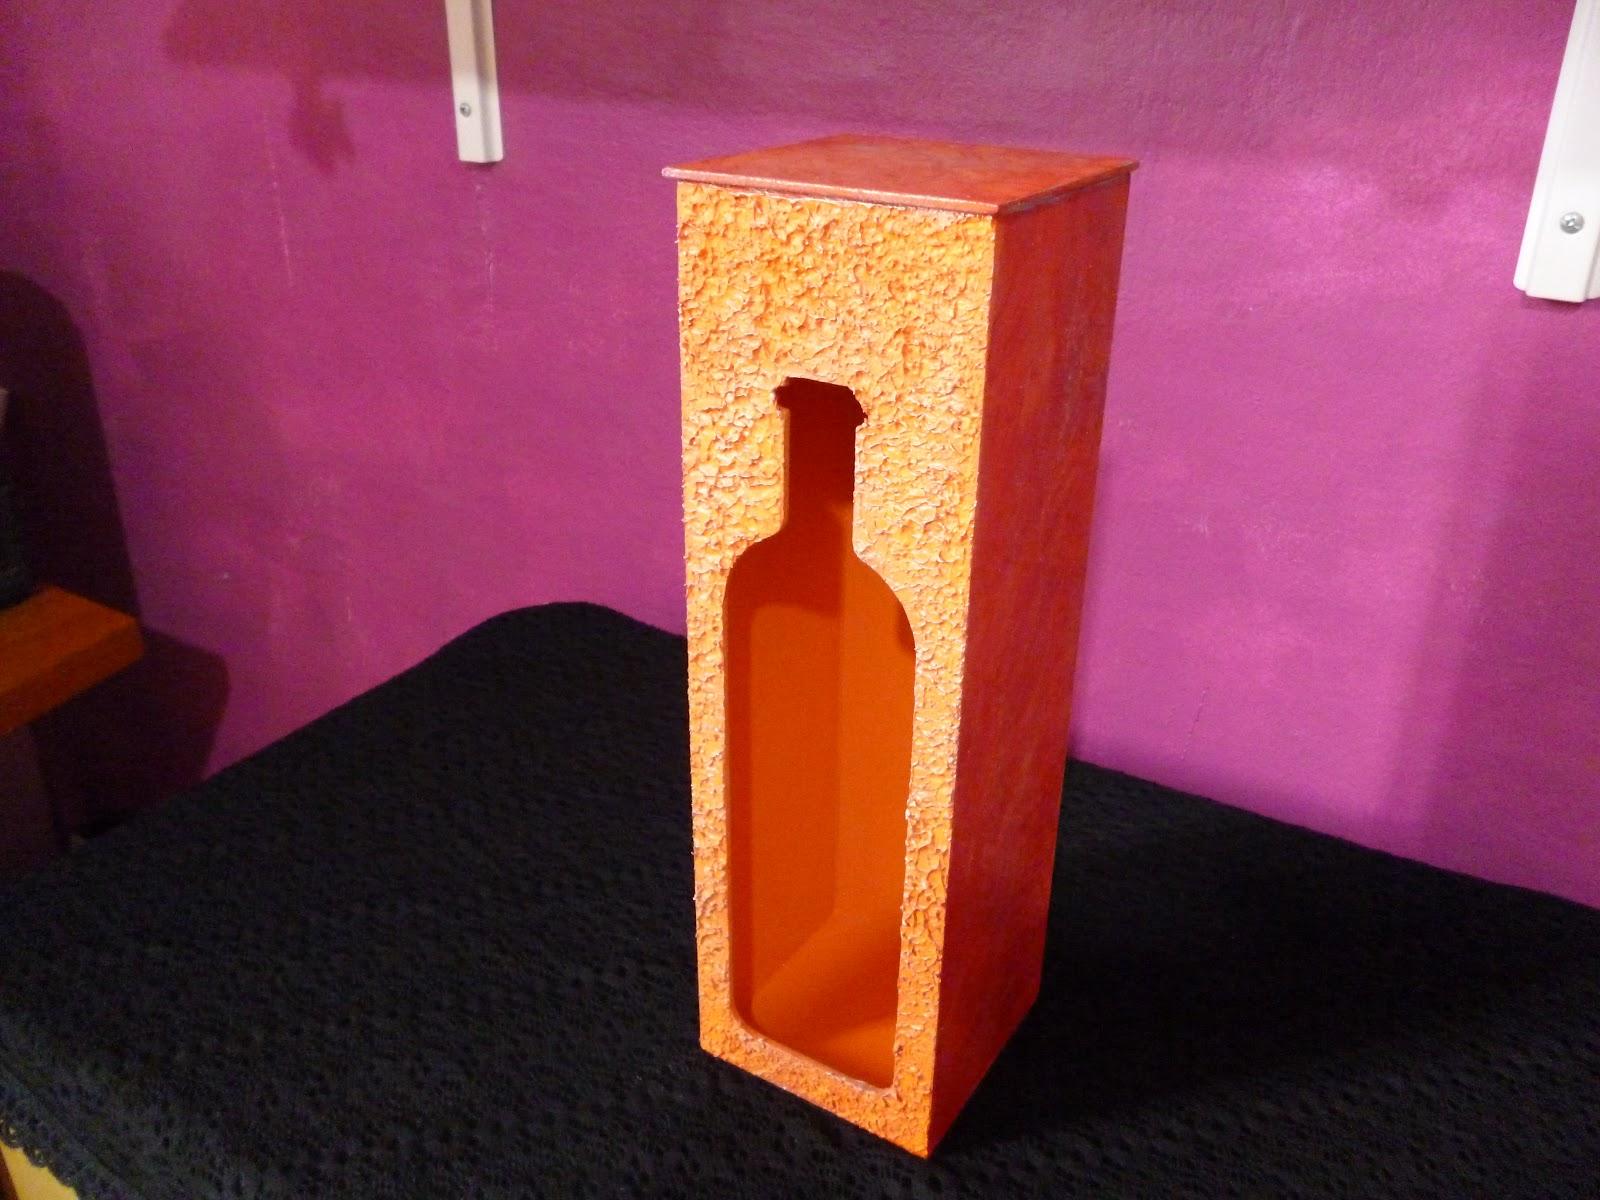 Lembrancinhas de Madeira da Glau: Caixa de vinho lembrancinha  #C46F07 1600x1200